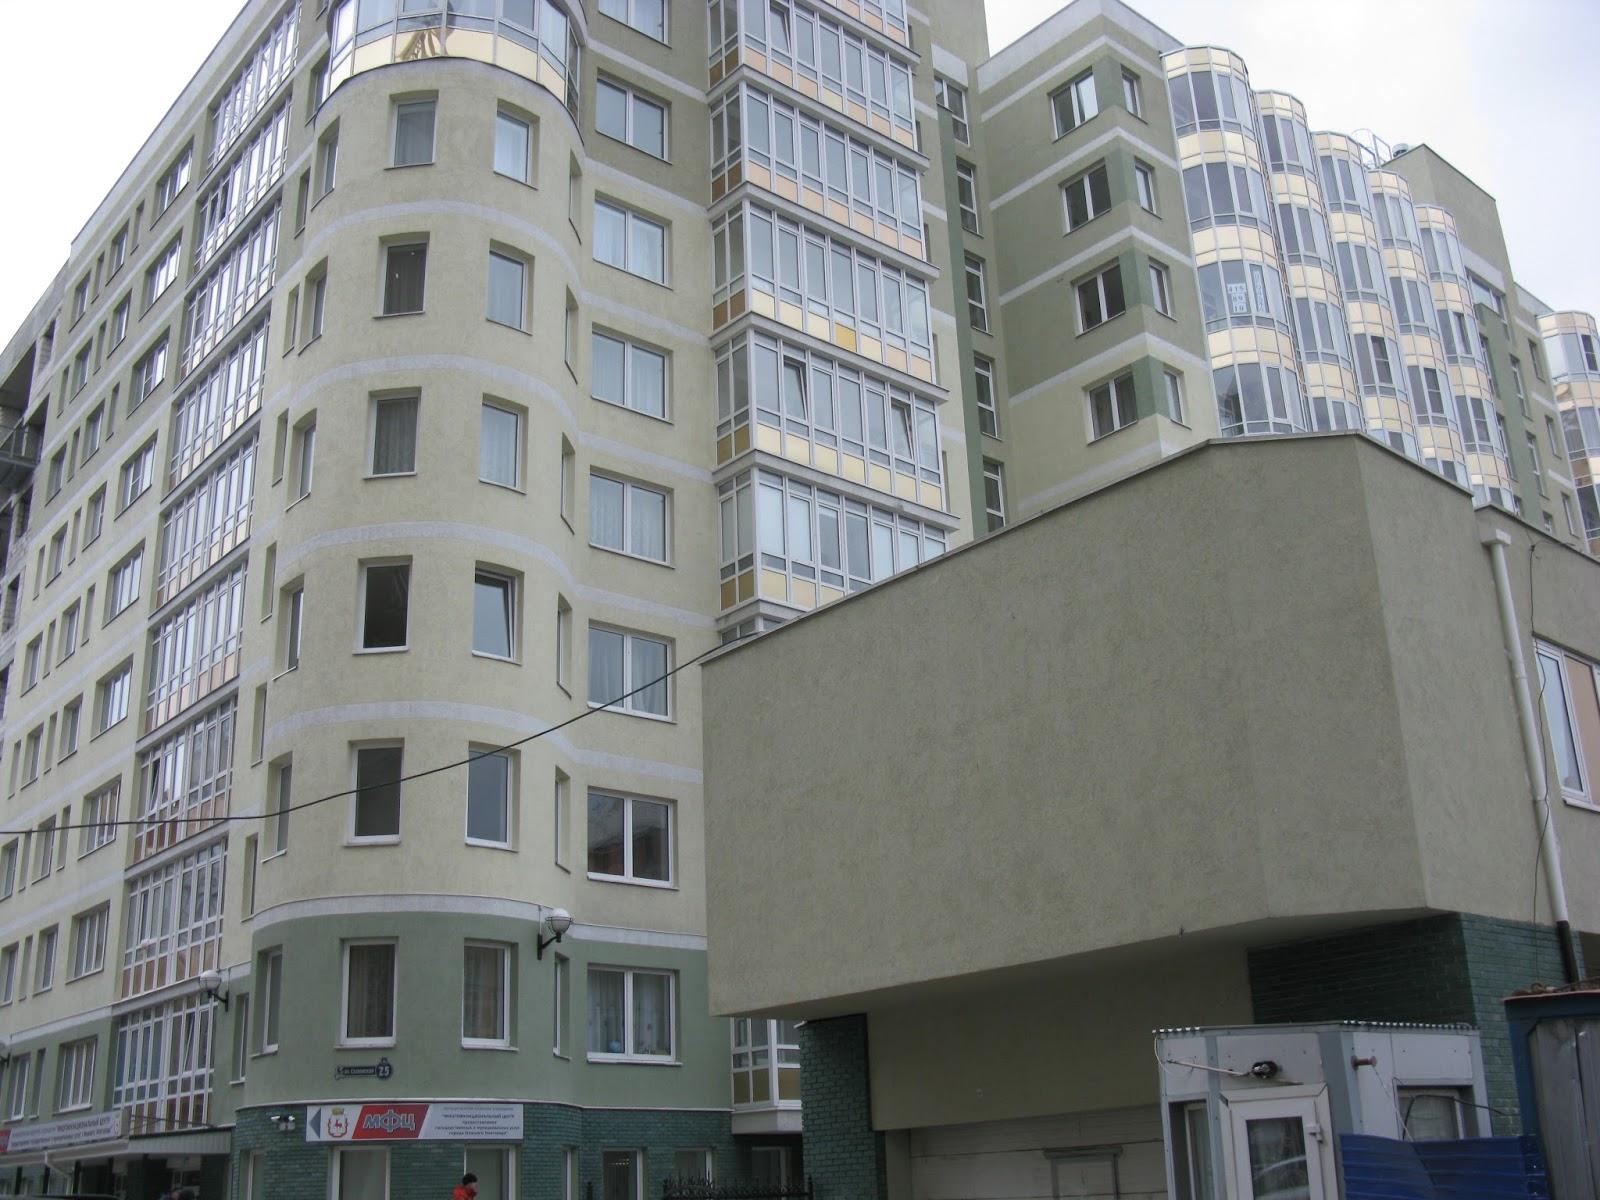 По требованию прокуратуры администрация Нижнего Новгорода обязалась предоставить жилье инвалиду